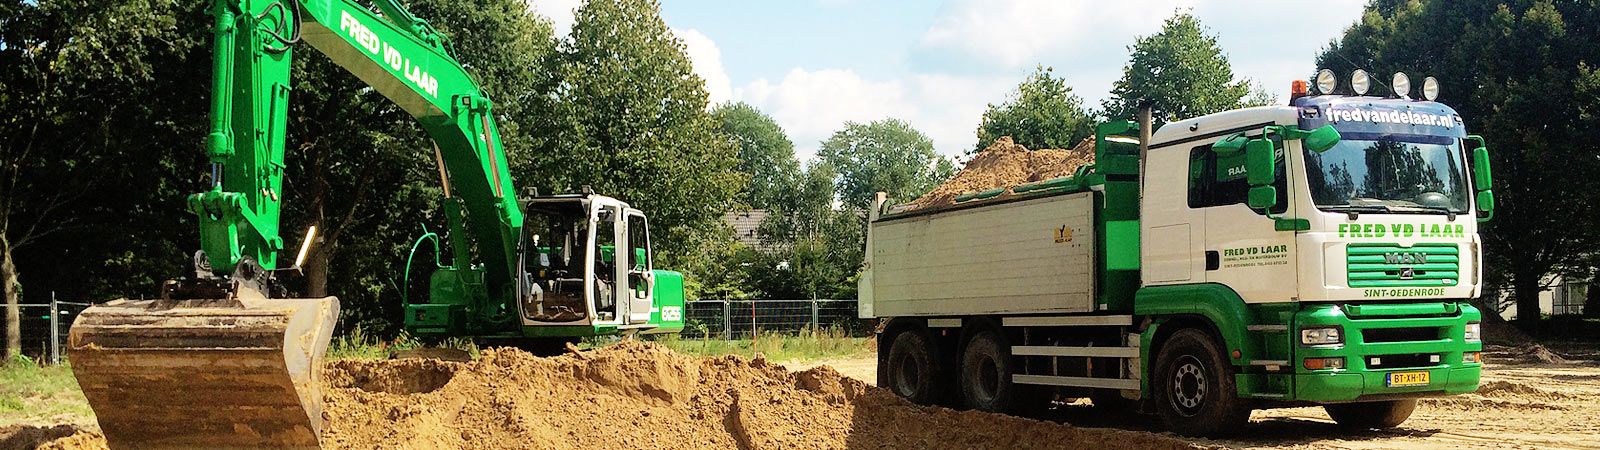 Verhuur van grondverzetmachines en minigravers door Fred van de Laar uit Sint-Oedenrode